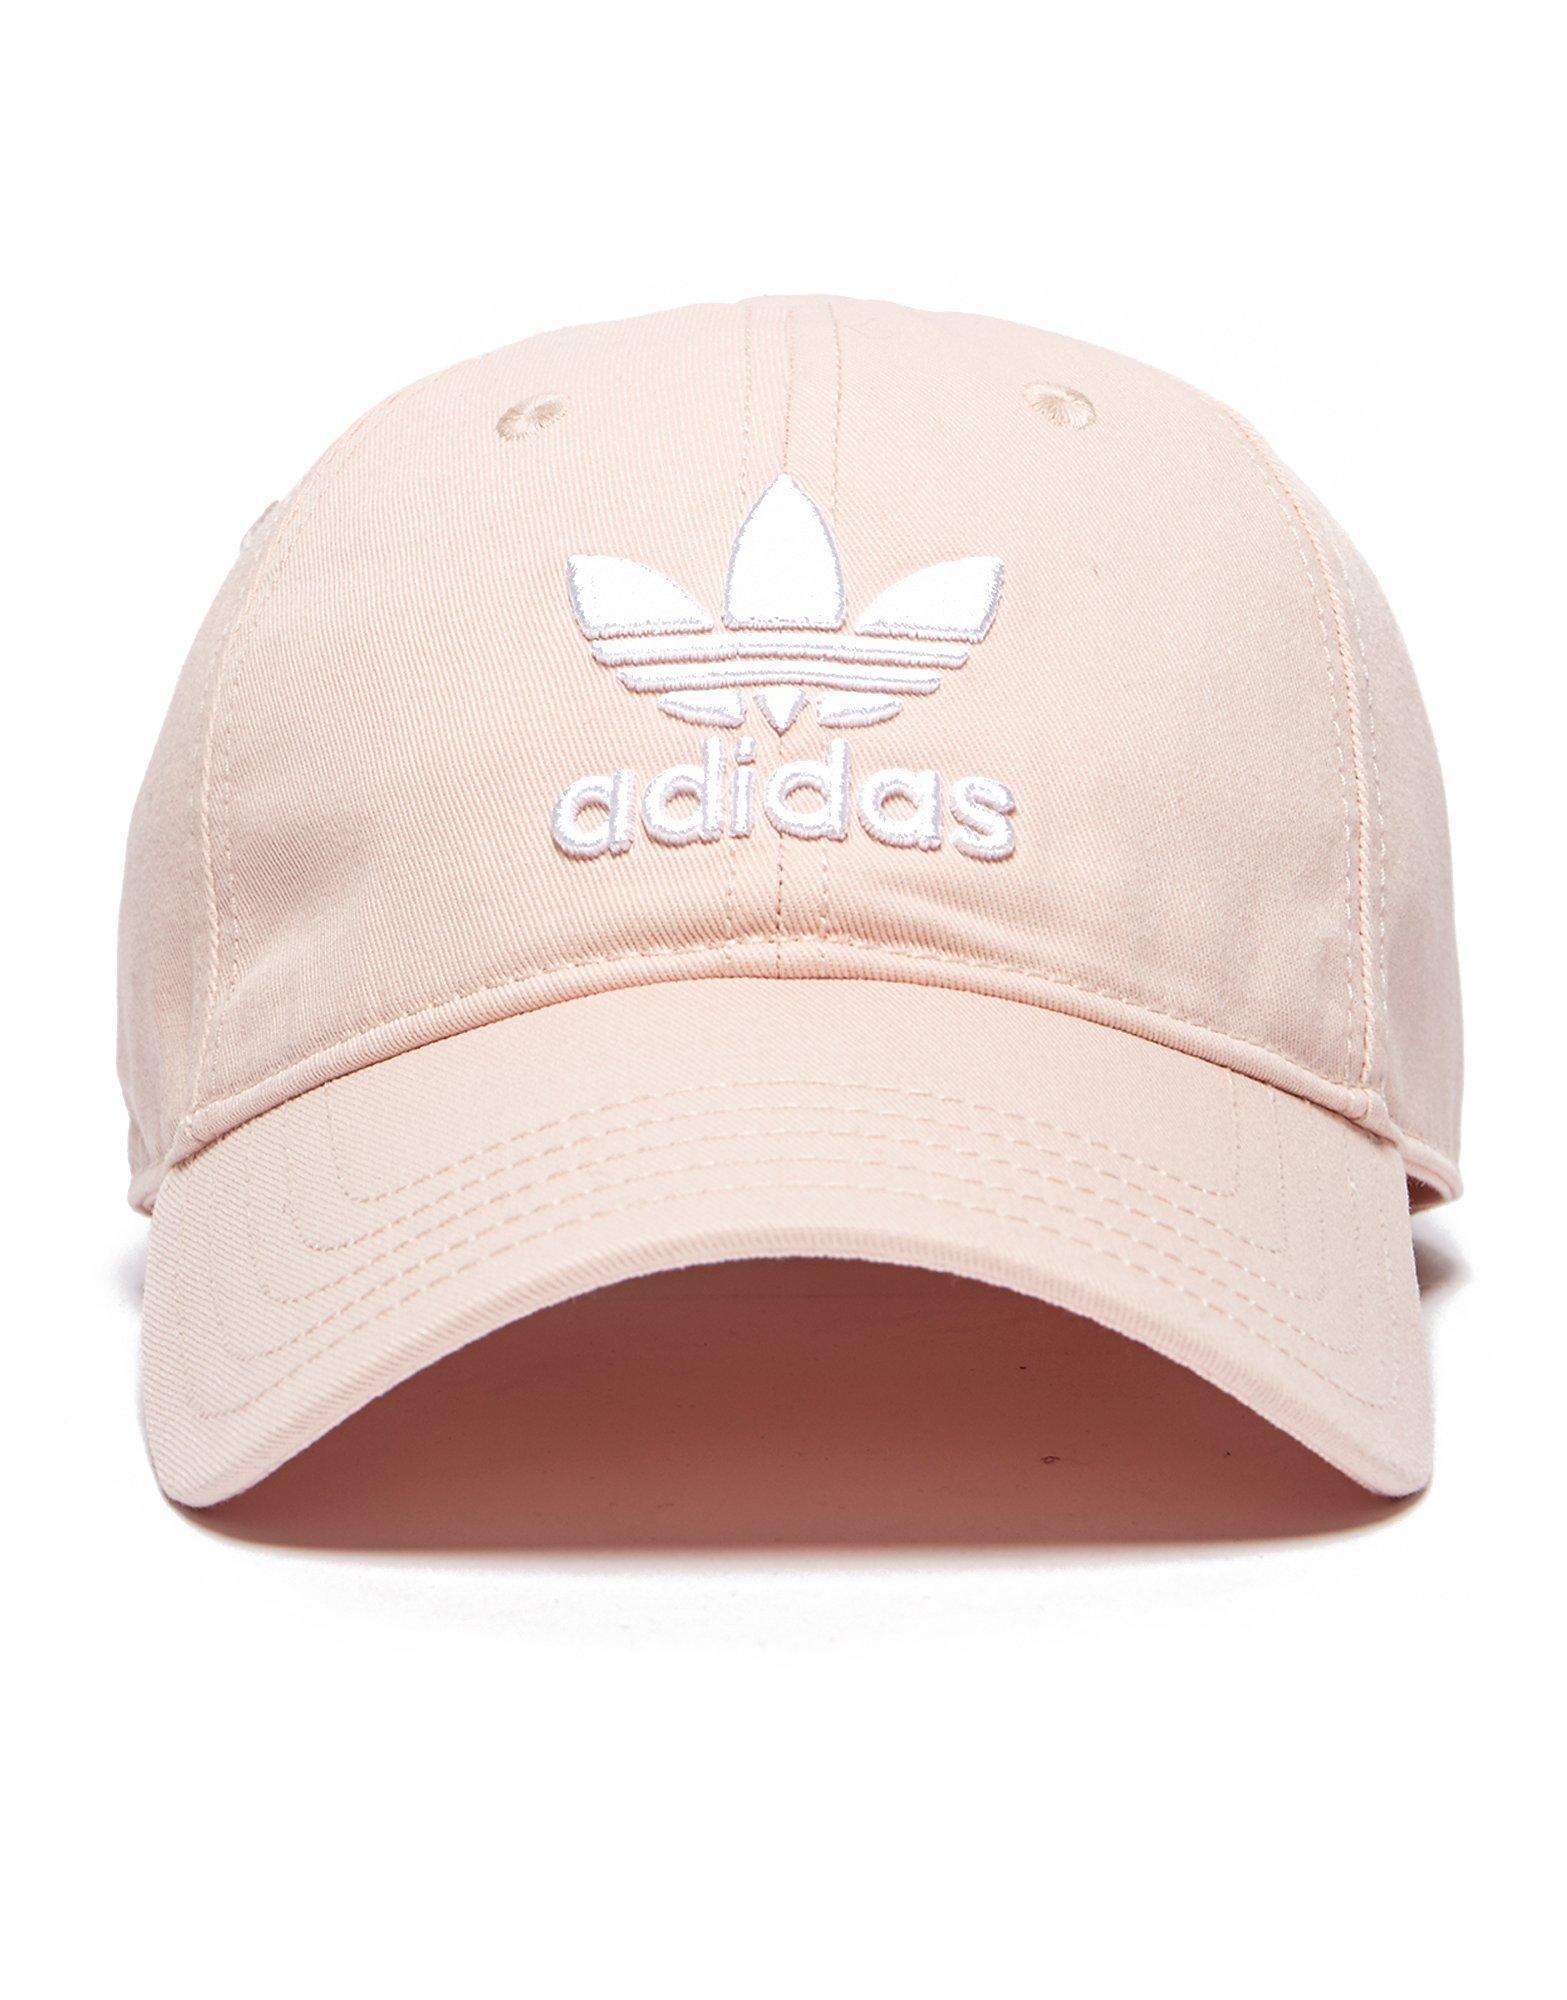 5e2df245835 adidas Originals Trefoil Classic Cap in Pink for Men - Lyst